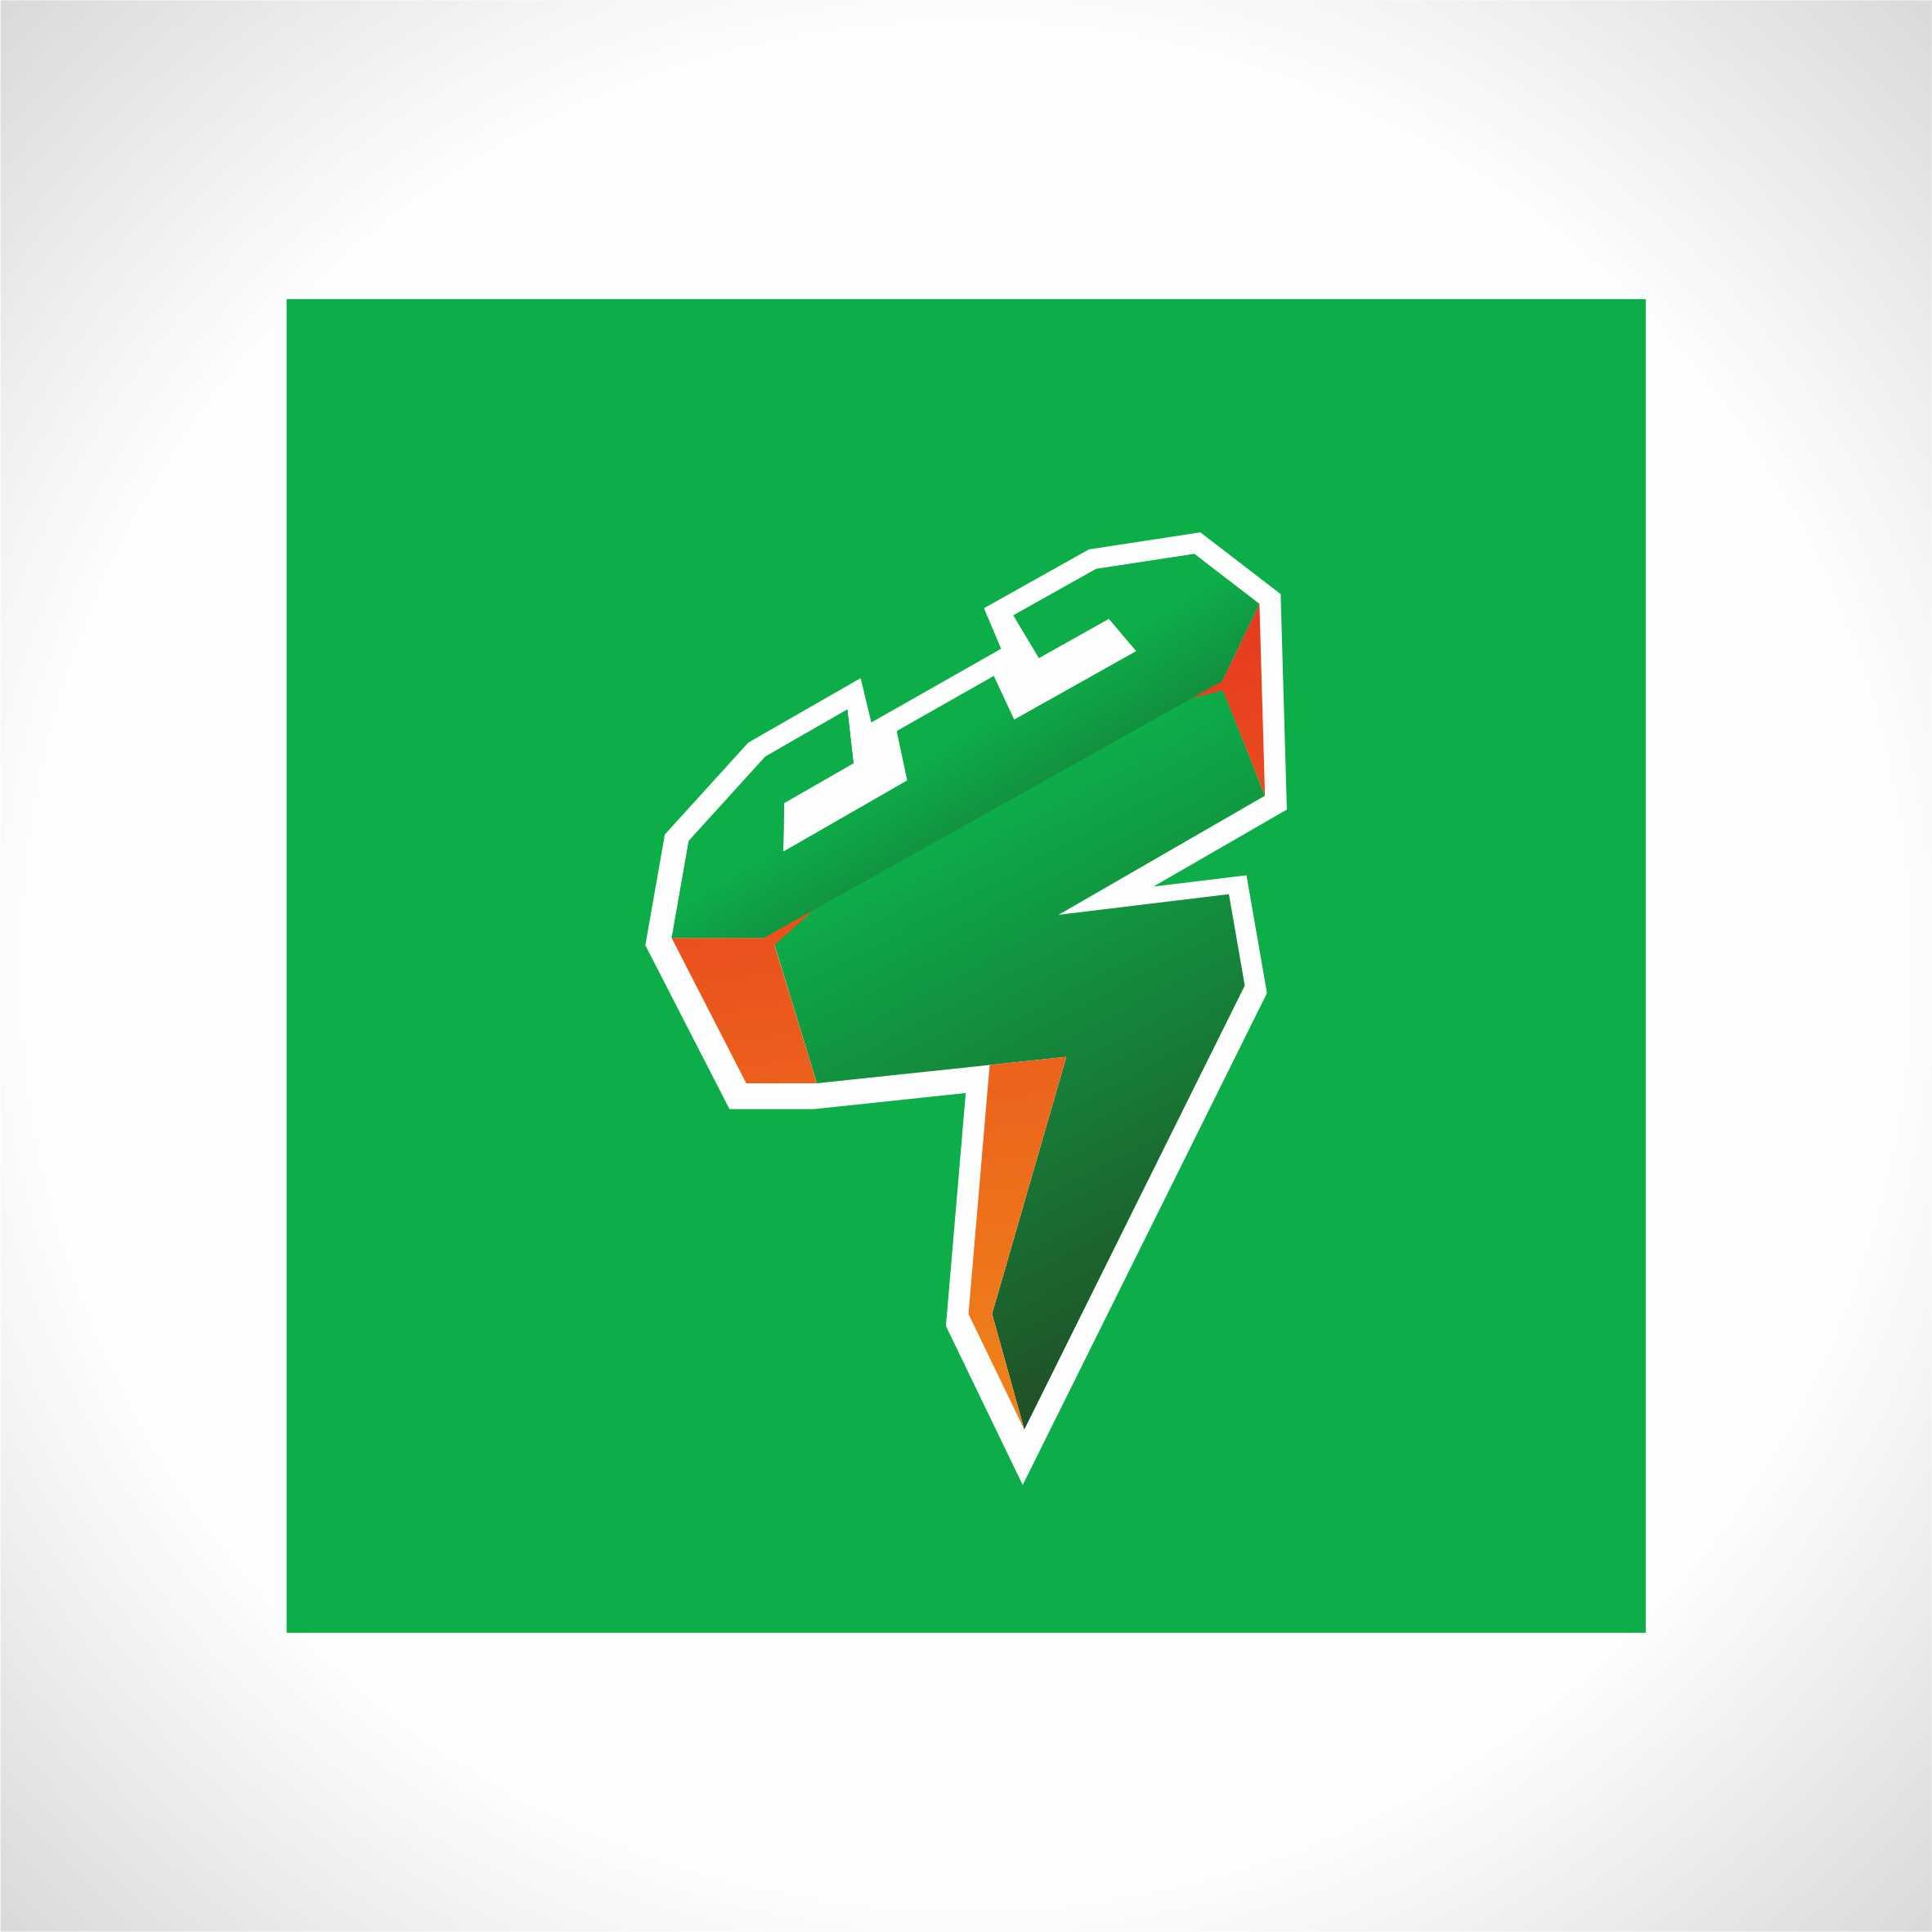 Логотип для инженерной компании фото f_86151c91f285a225.jpg